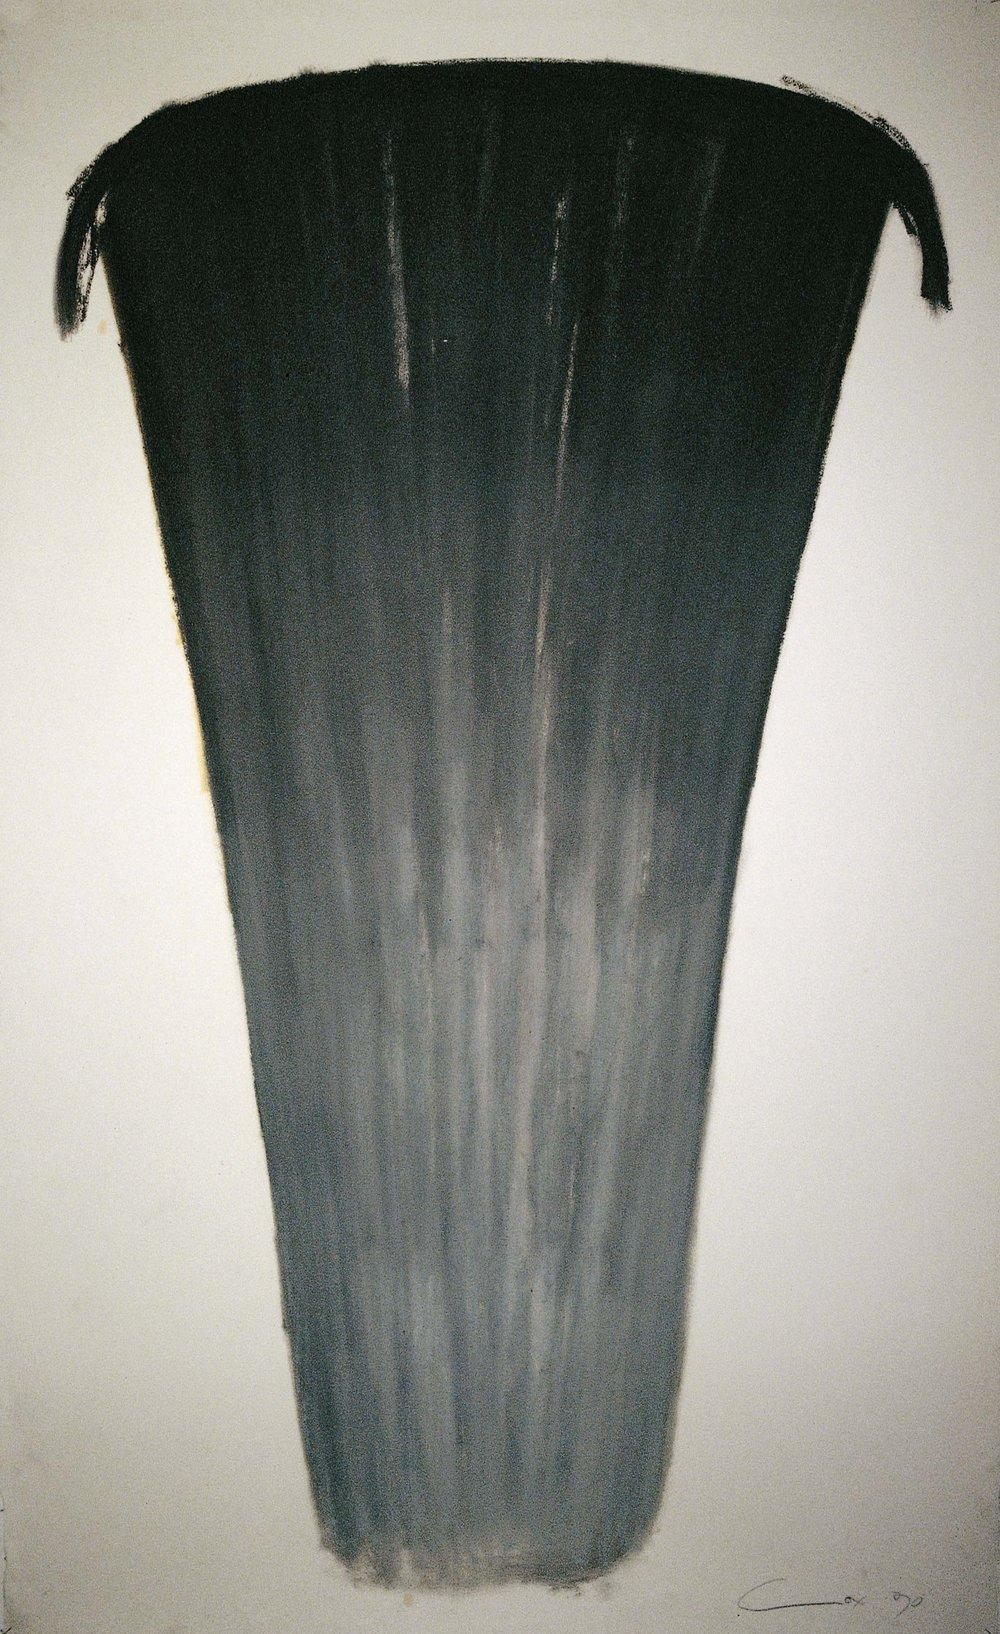 13_Vessel-drawings-1990-4_ws.jpg